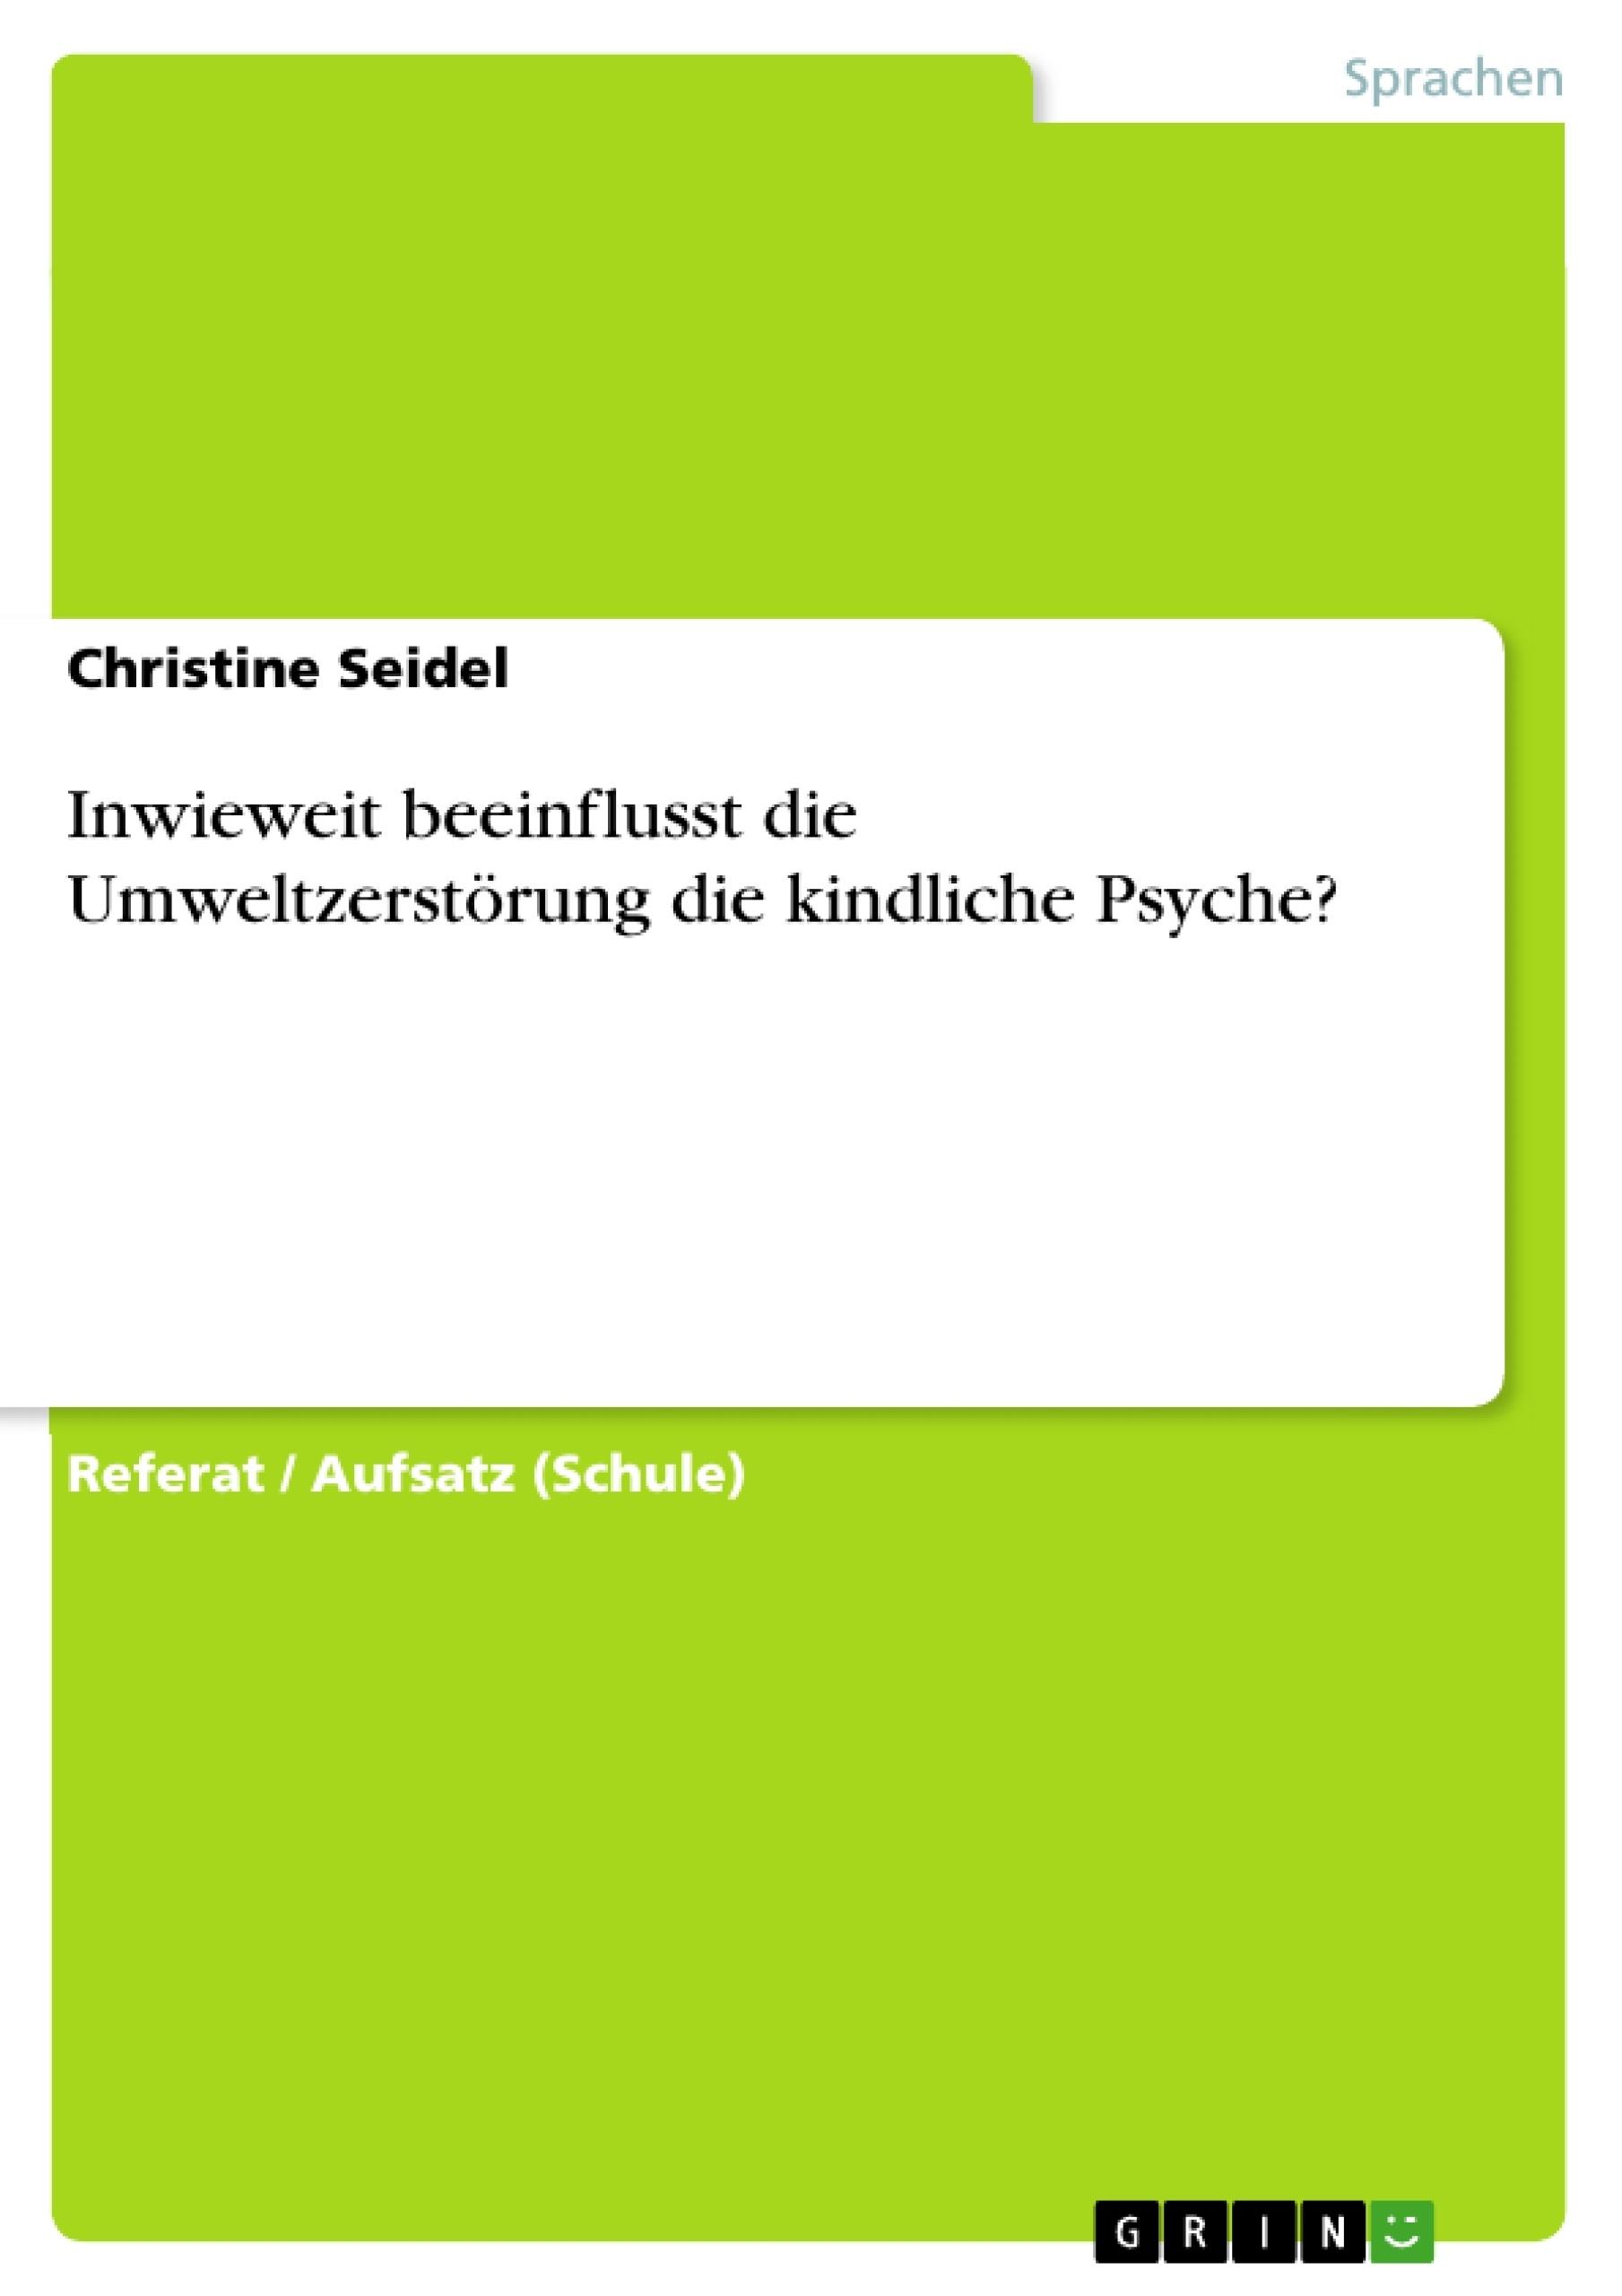 Titel: Inwieweit beeinflusst die Umweltzerstörung die kindliche Psyche?